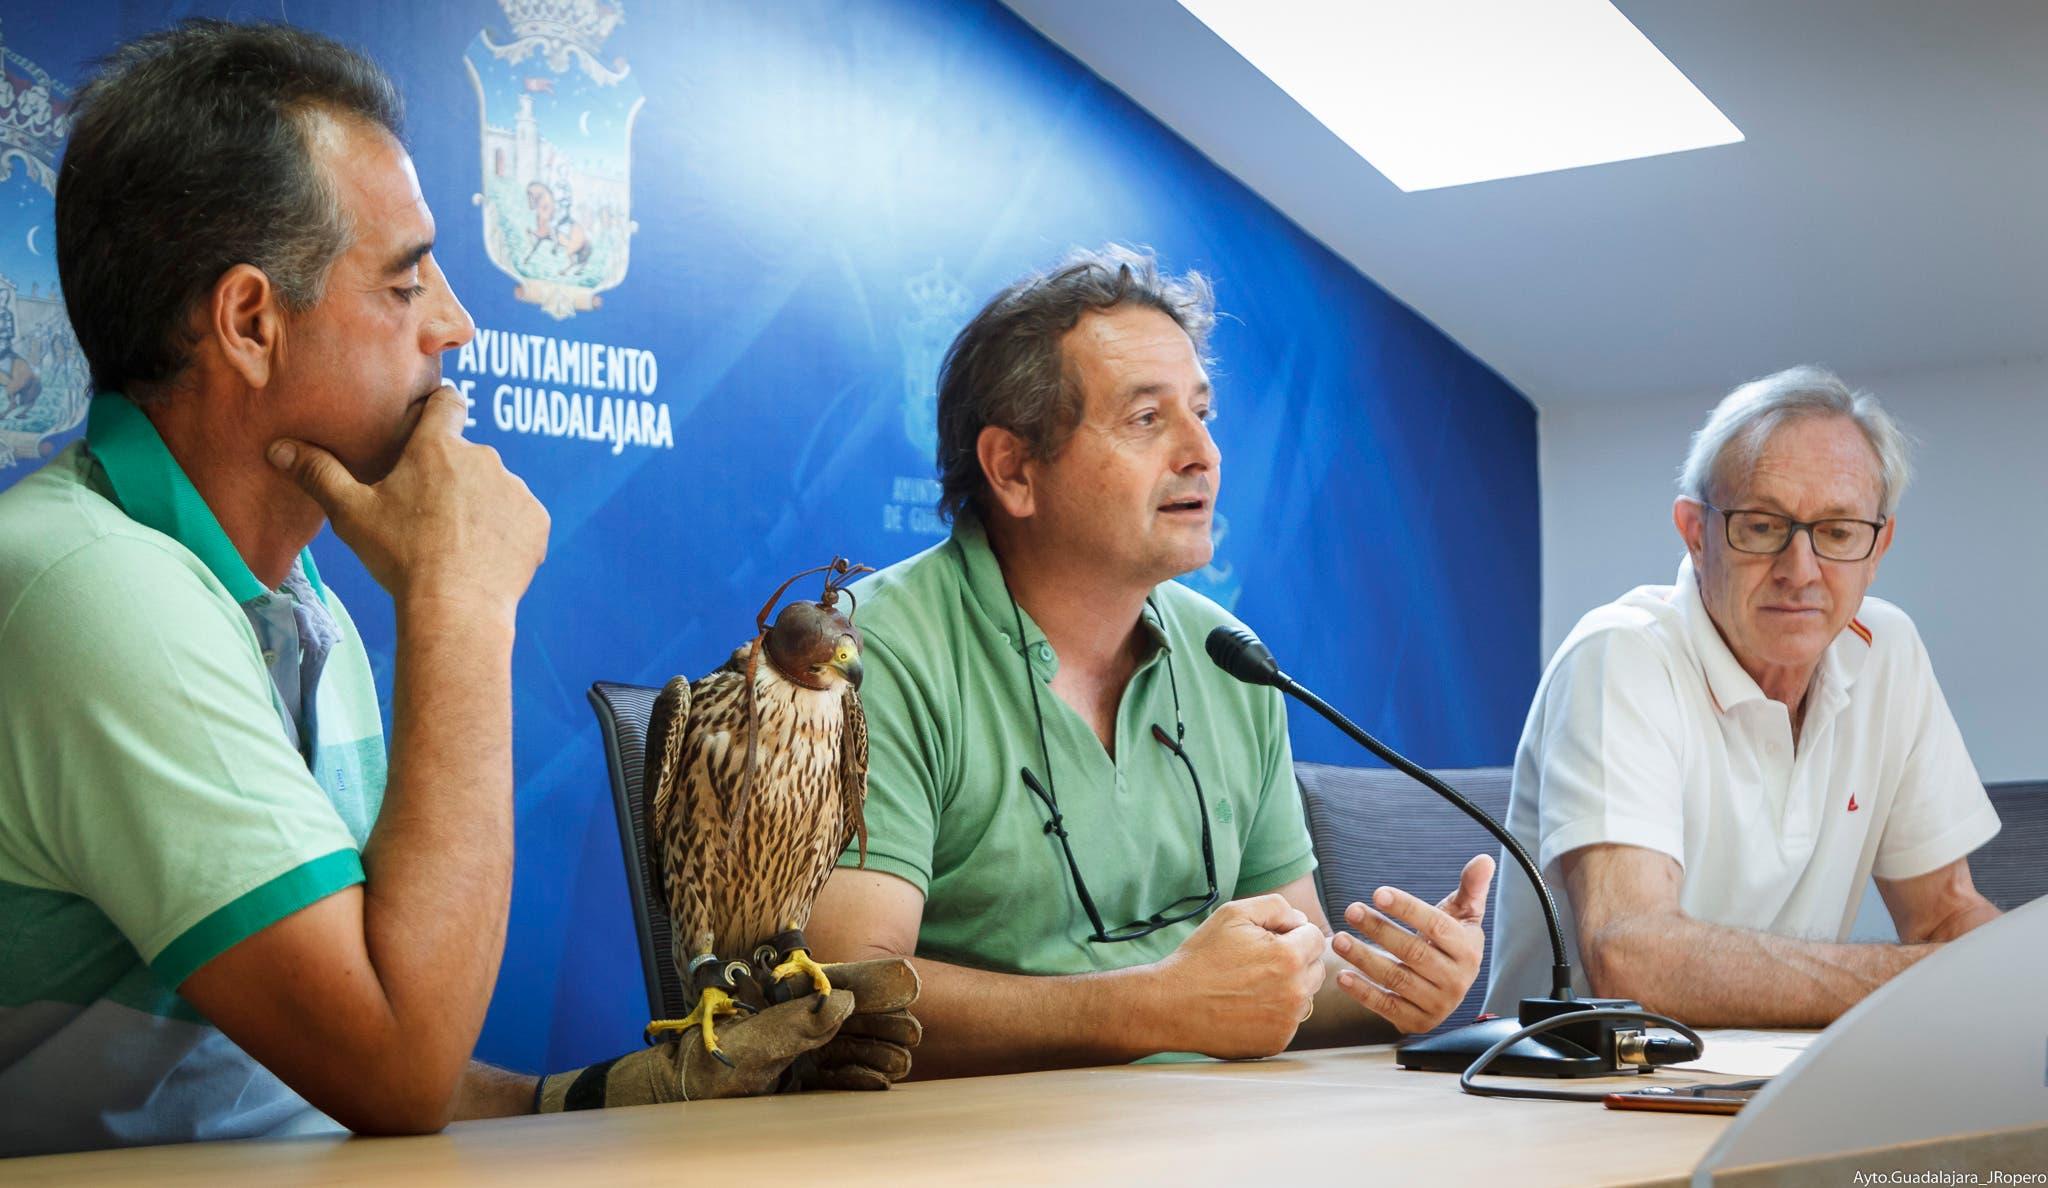 Presentación del proyecto (Ayto. Guadalajara).